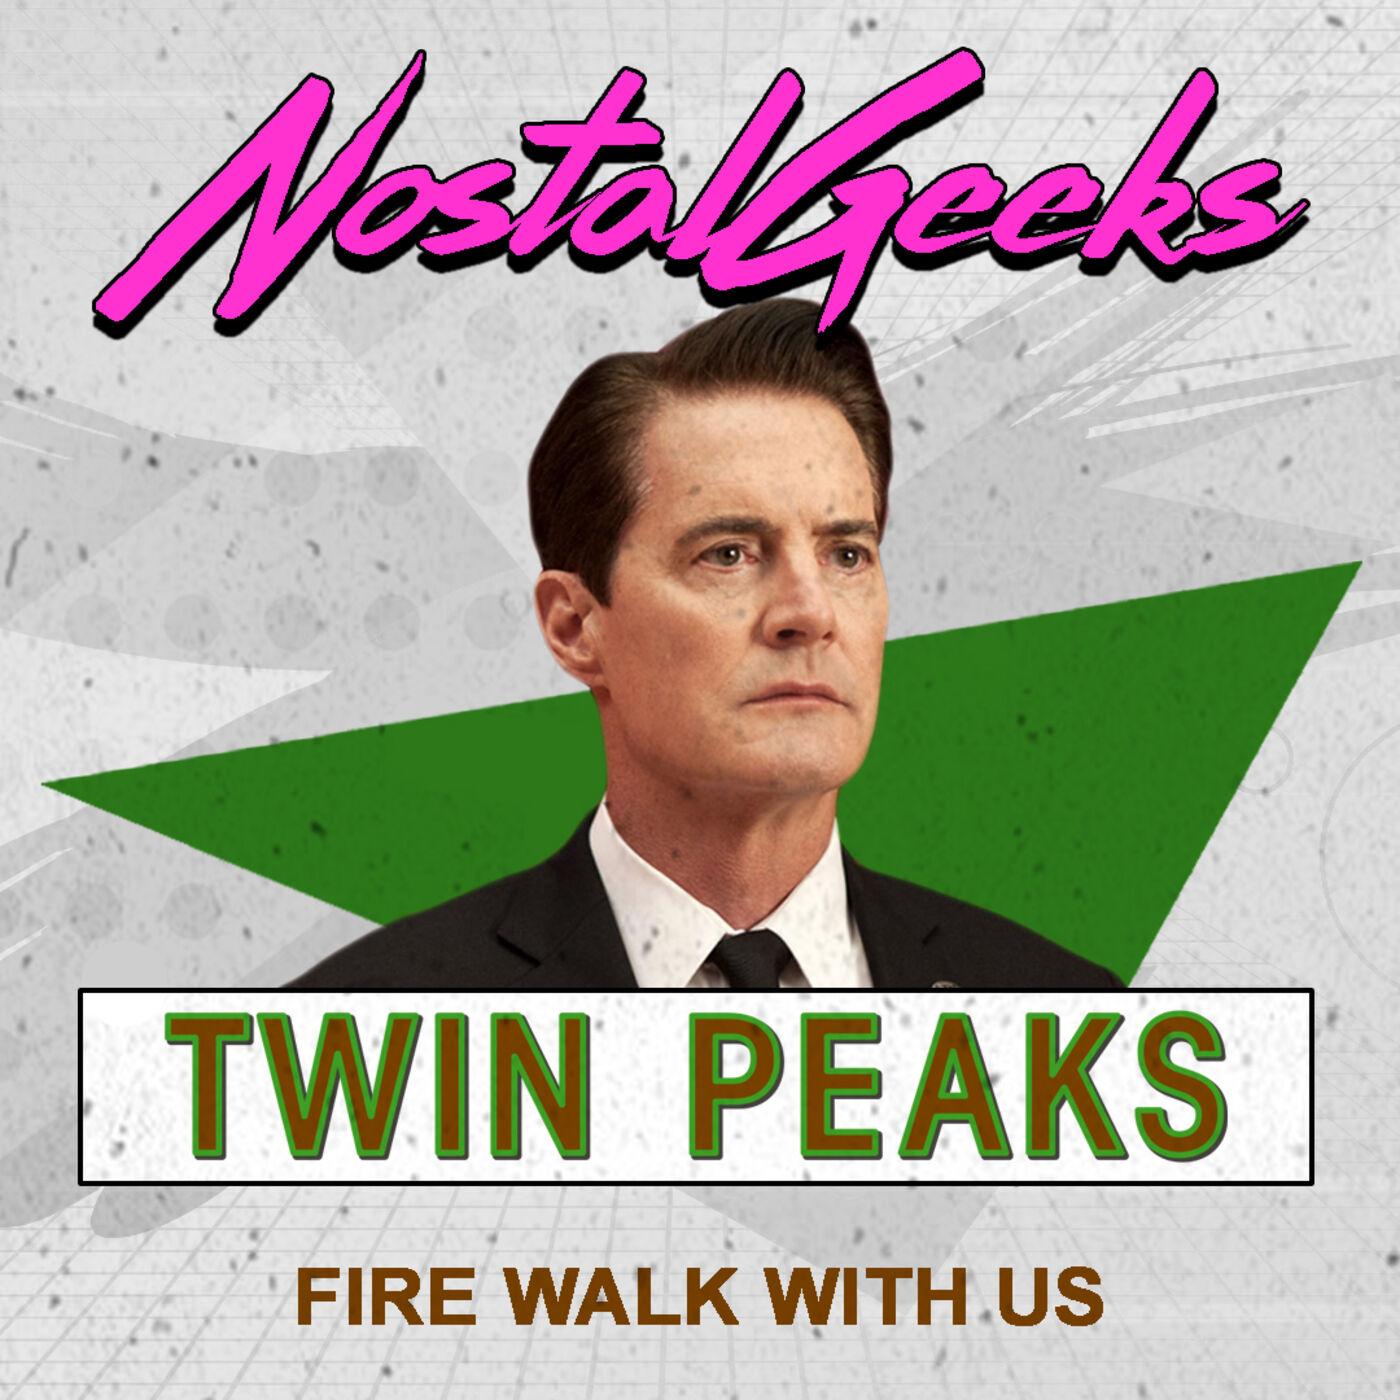 Twin Peaks - Fire Walk With Us